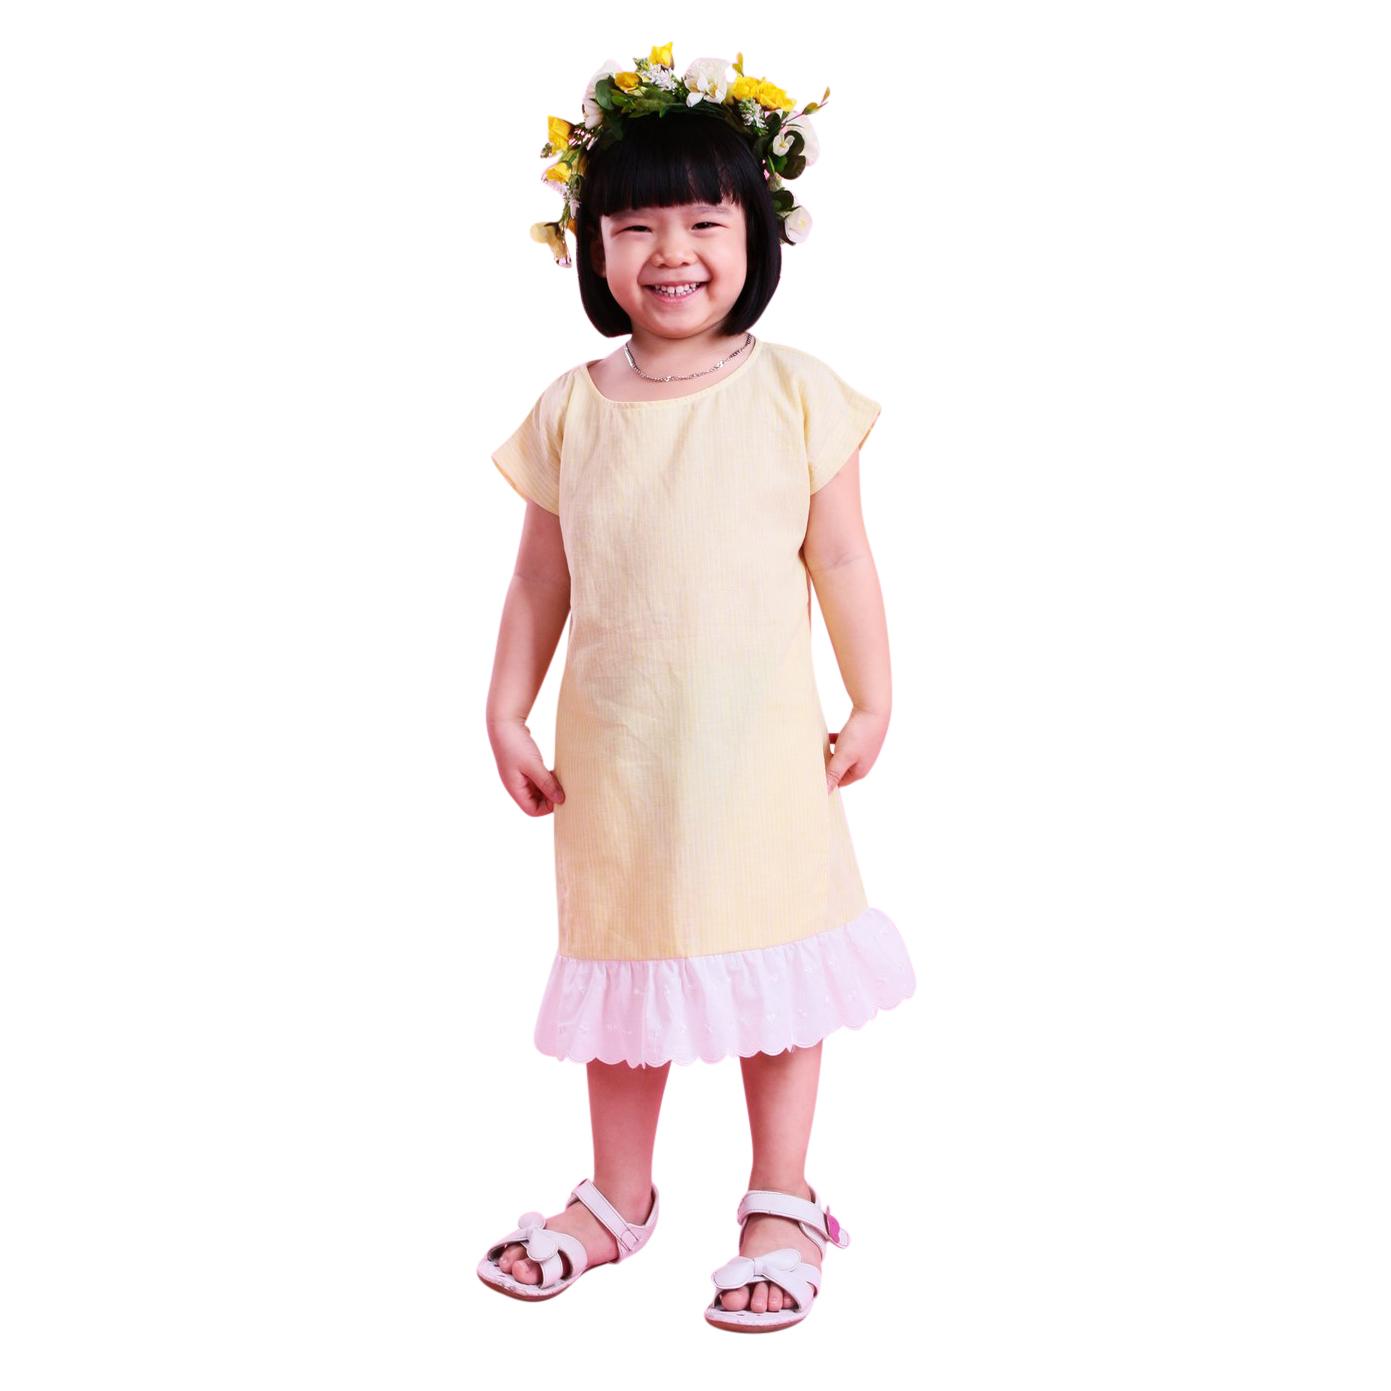 Đầm Suông Bé Gái Vàng Phối Chân Ren Ugether UKID39 - Sọc Vàng